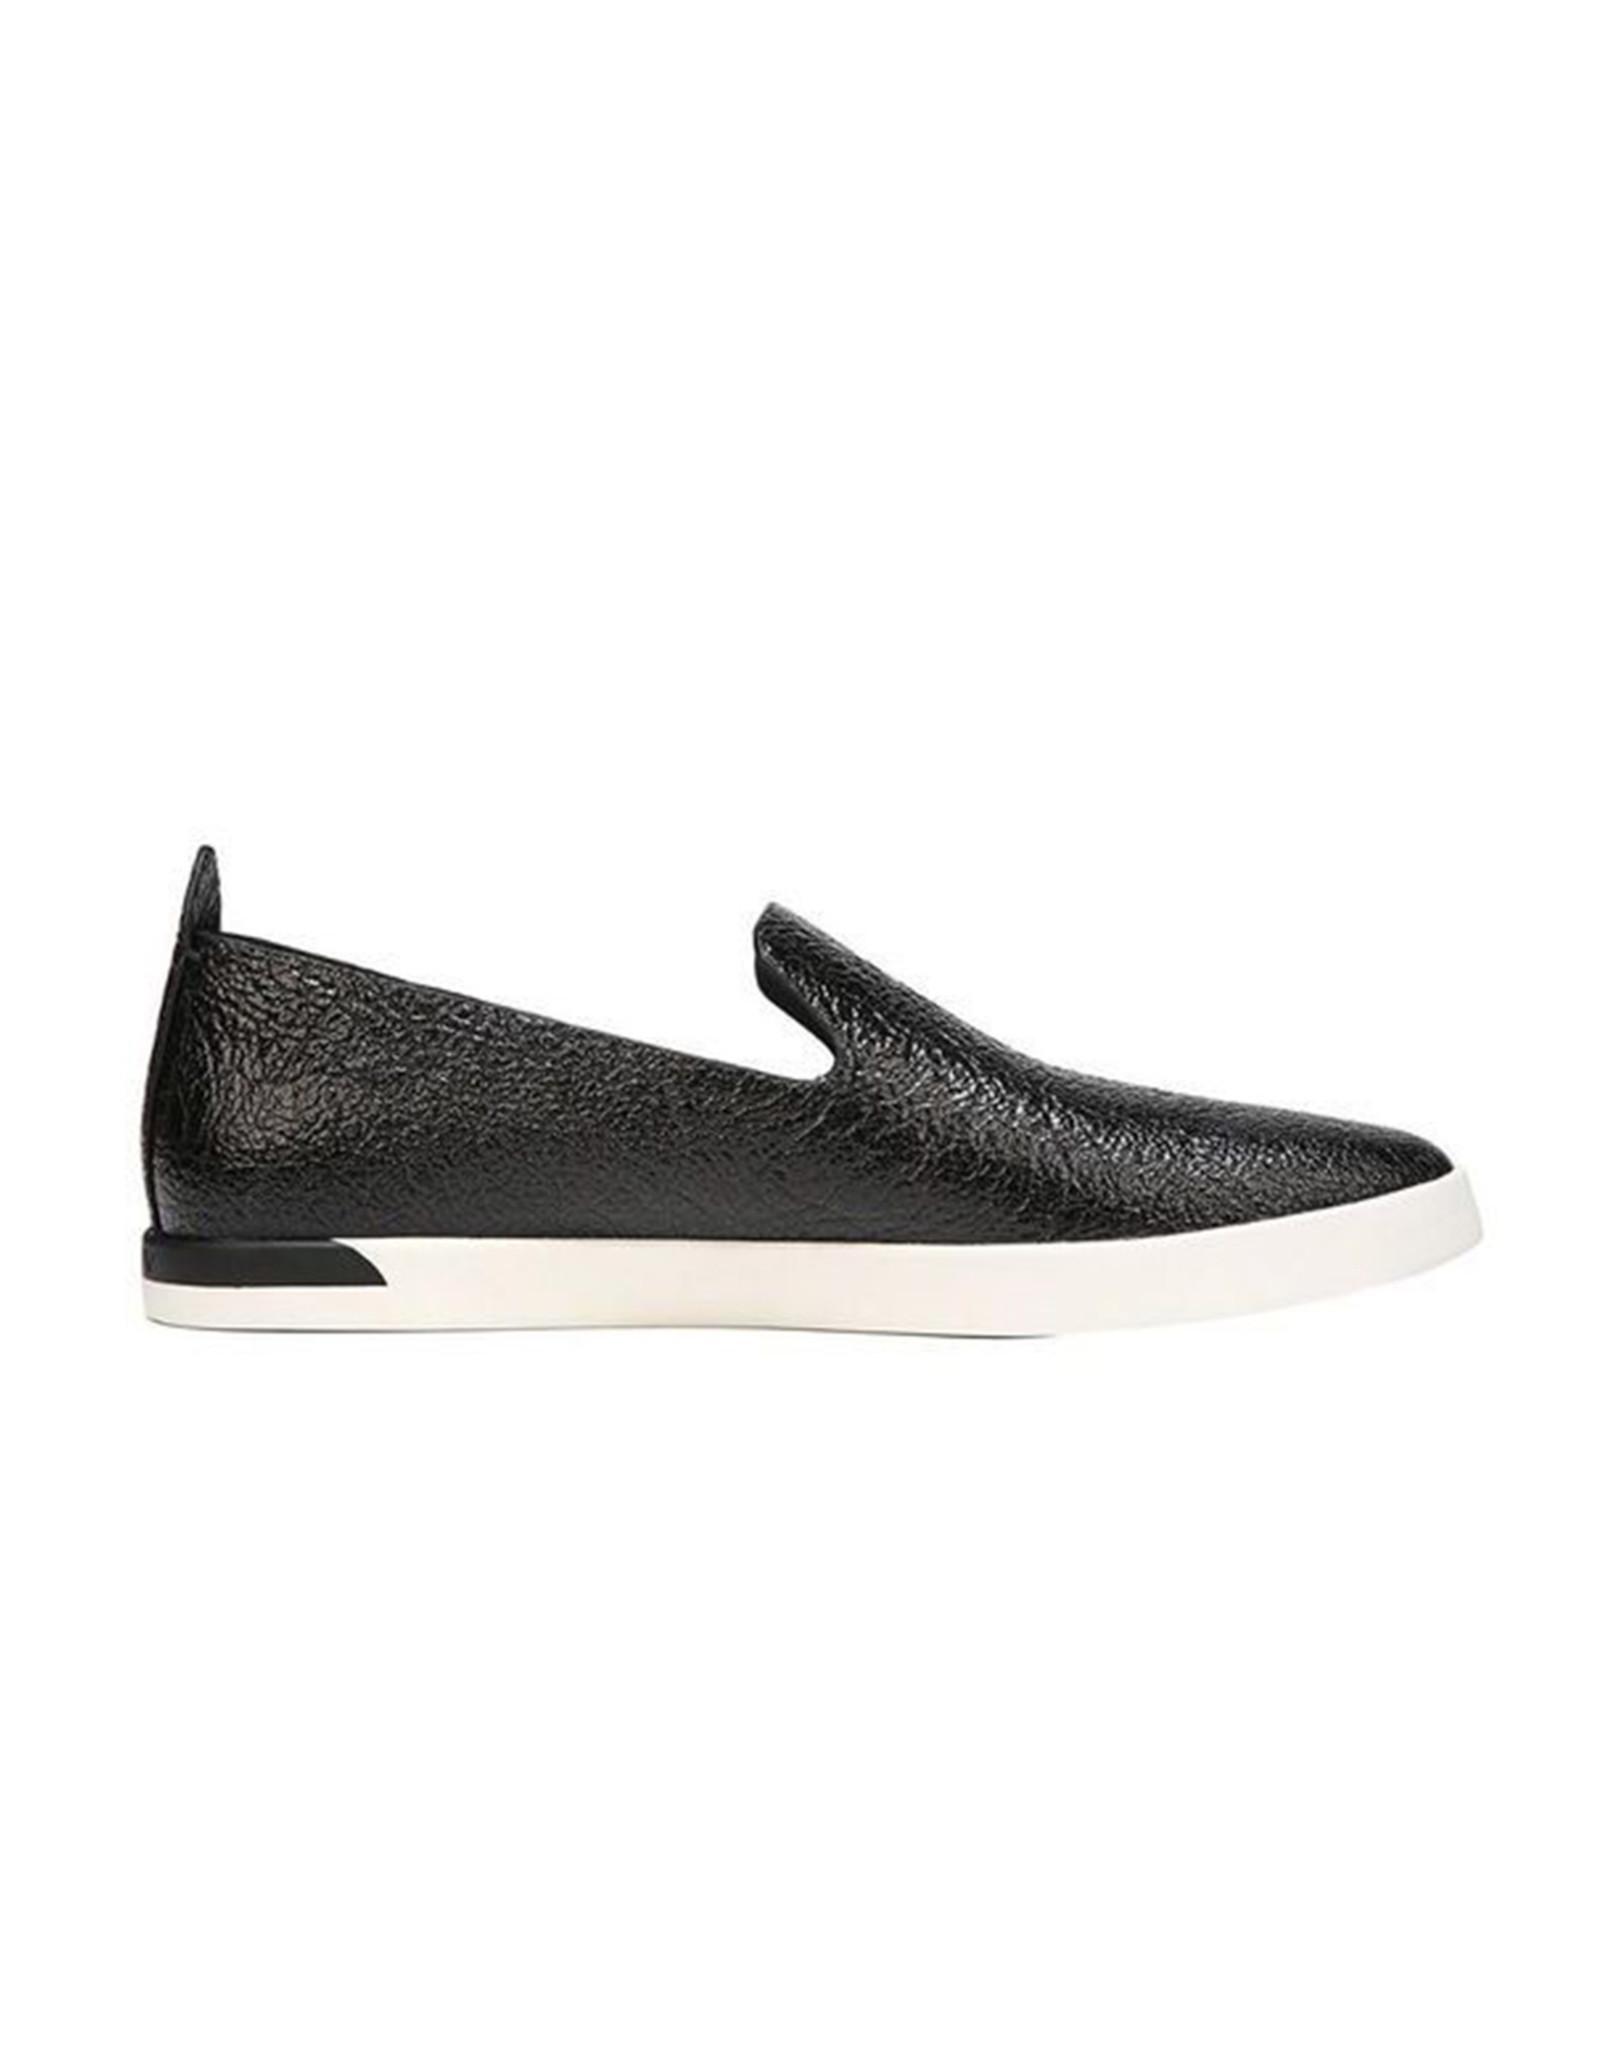 VINCE FOOTWEAR The Vero Sneakers